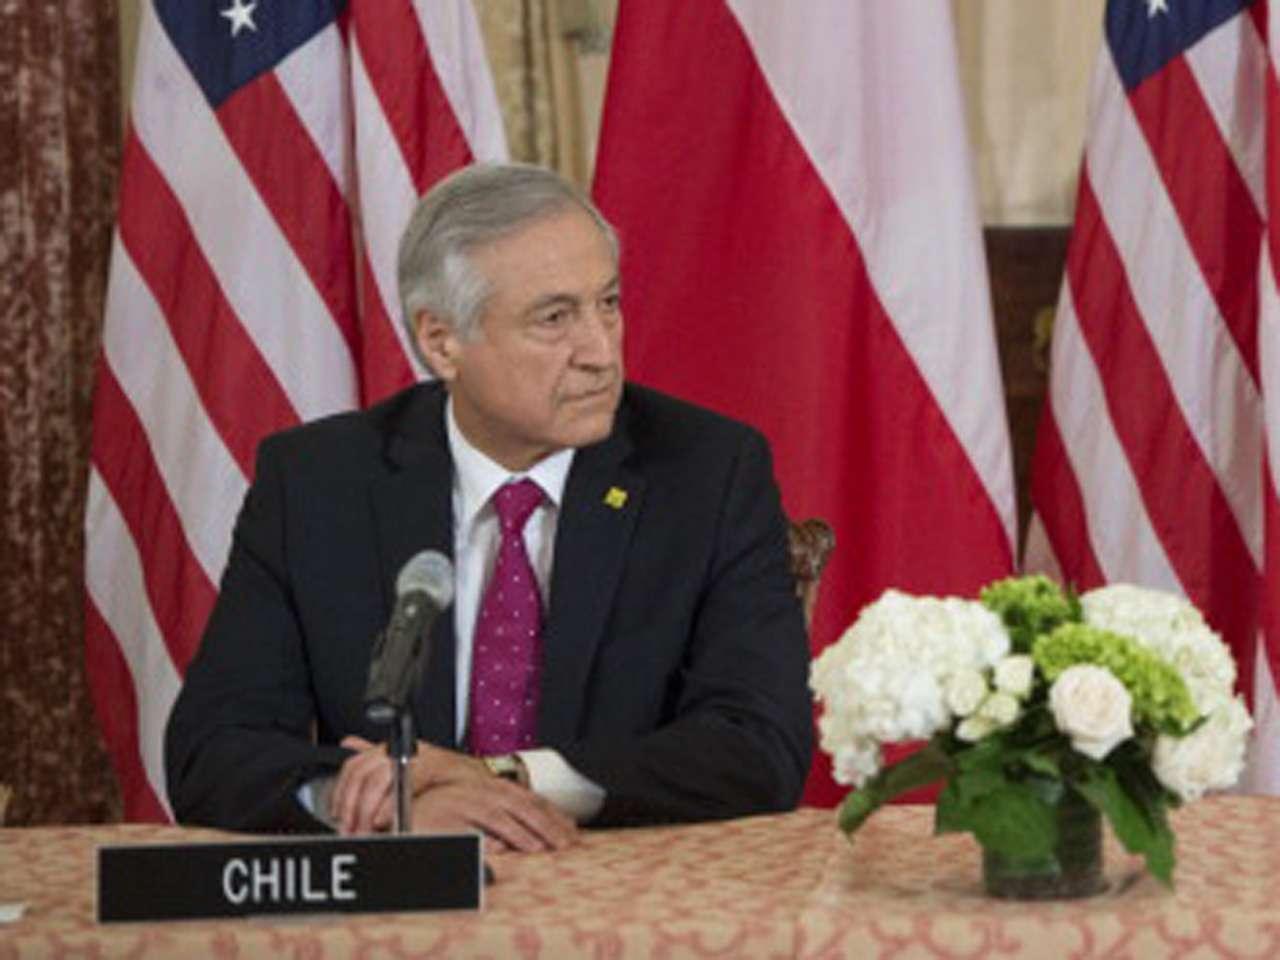 El canciller dijo que se ha acompañado a Lawrence a través del consulado y de la embajada de Chile en México Foto: Getty Images